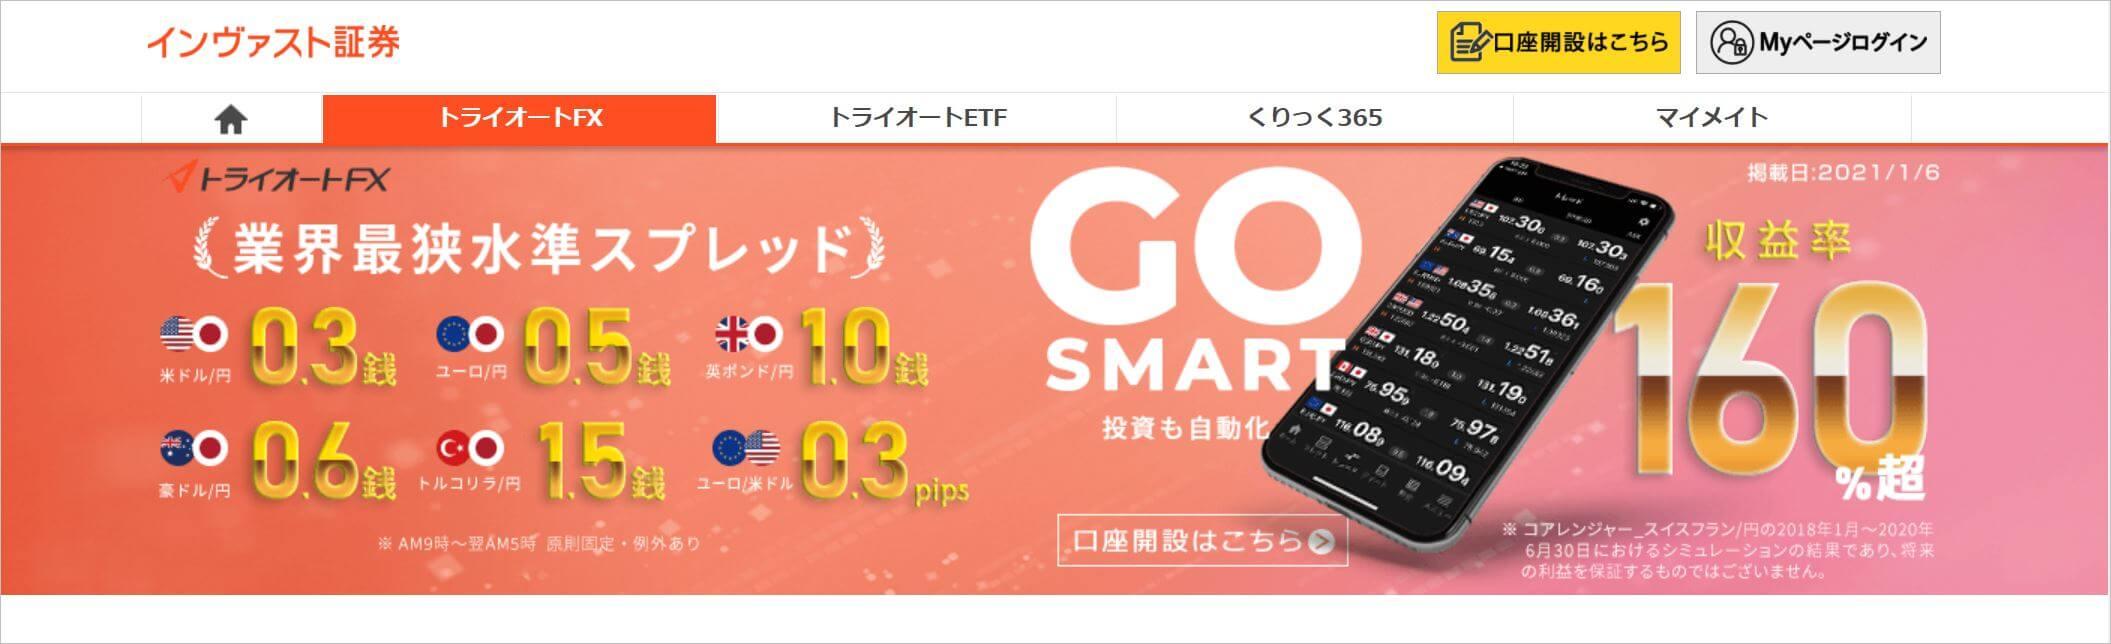 トライオートFX紹介ページのトップ画面